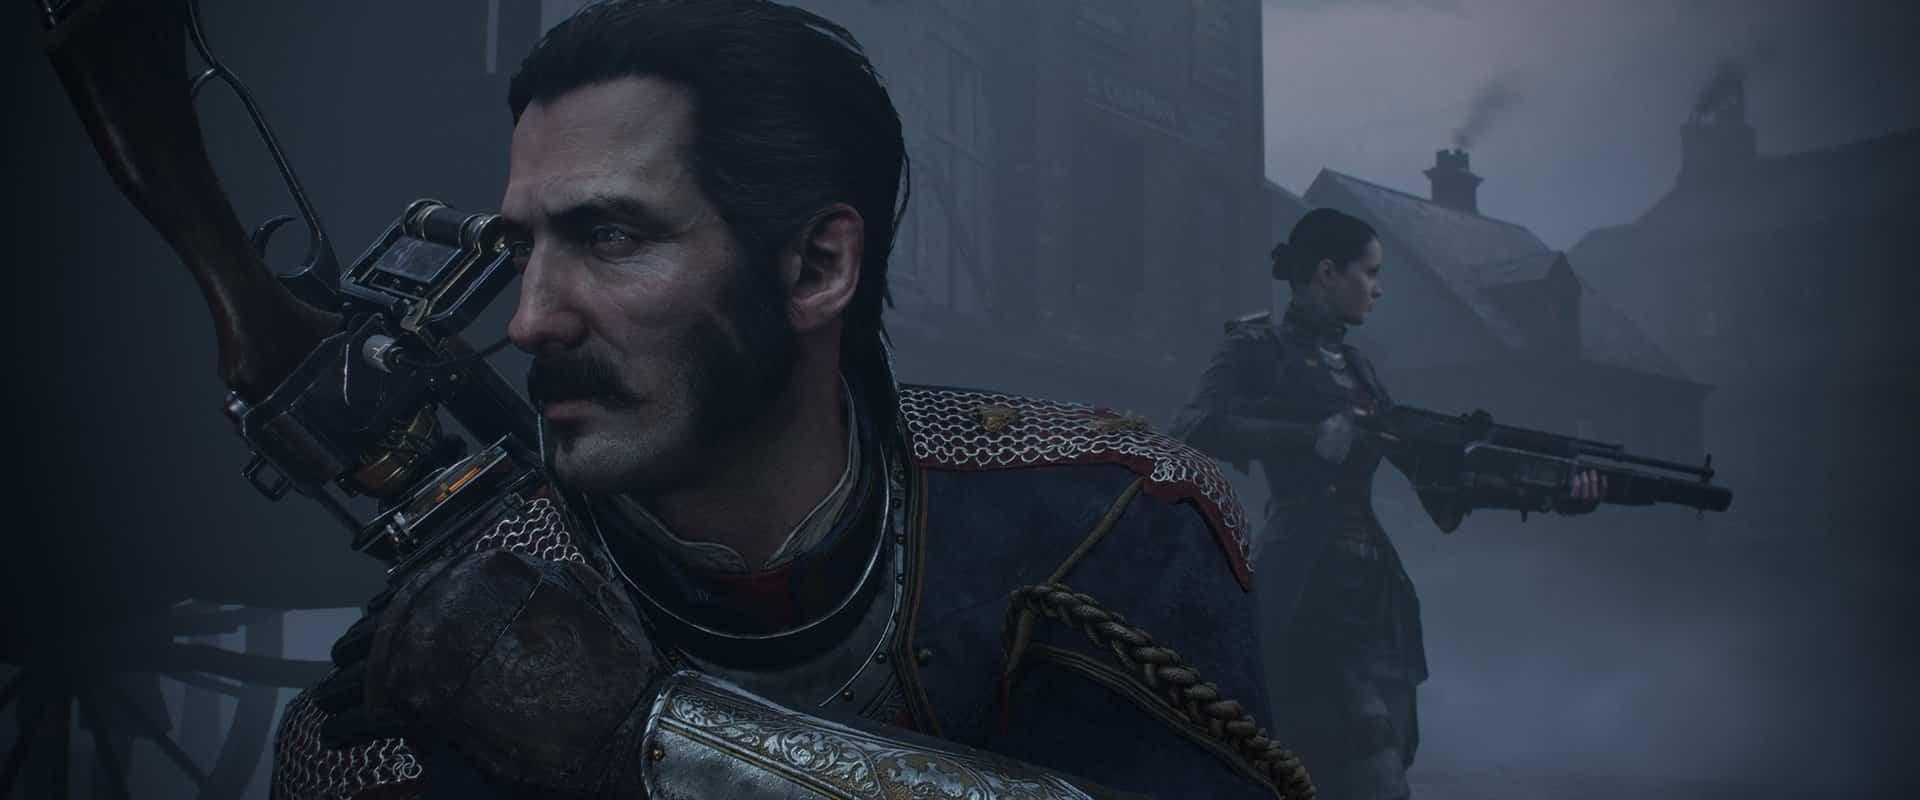 Sir Galahad, el personaje principal en The Order: 1886.